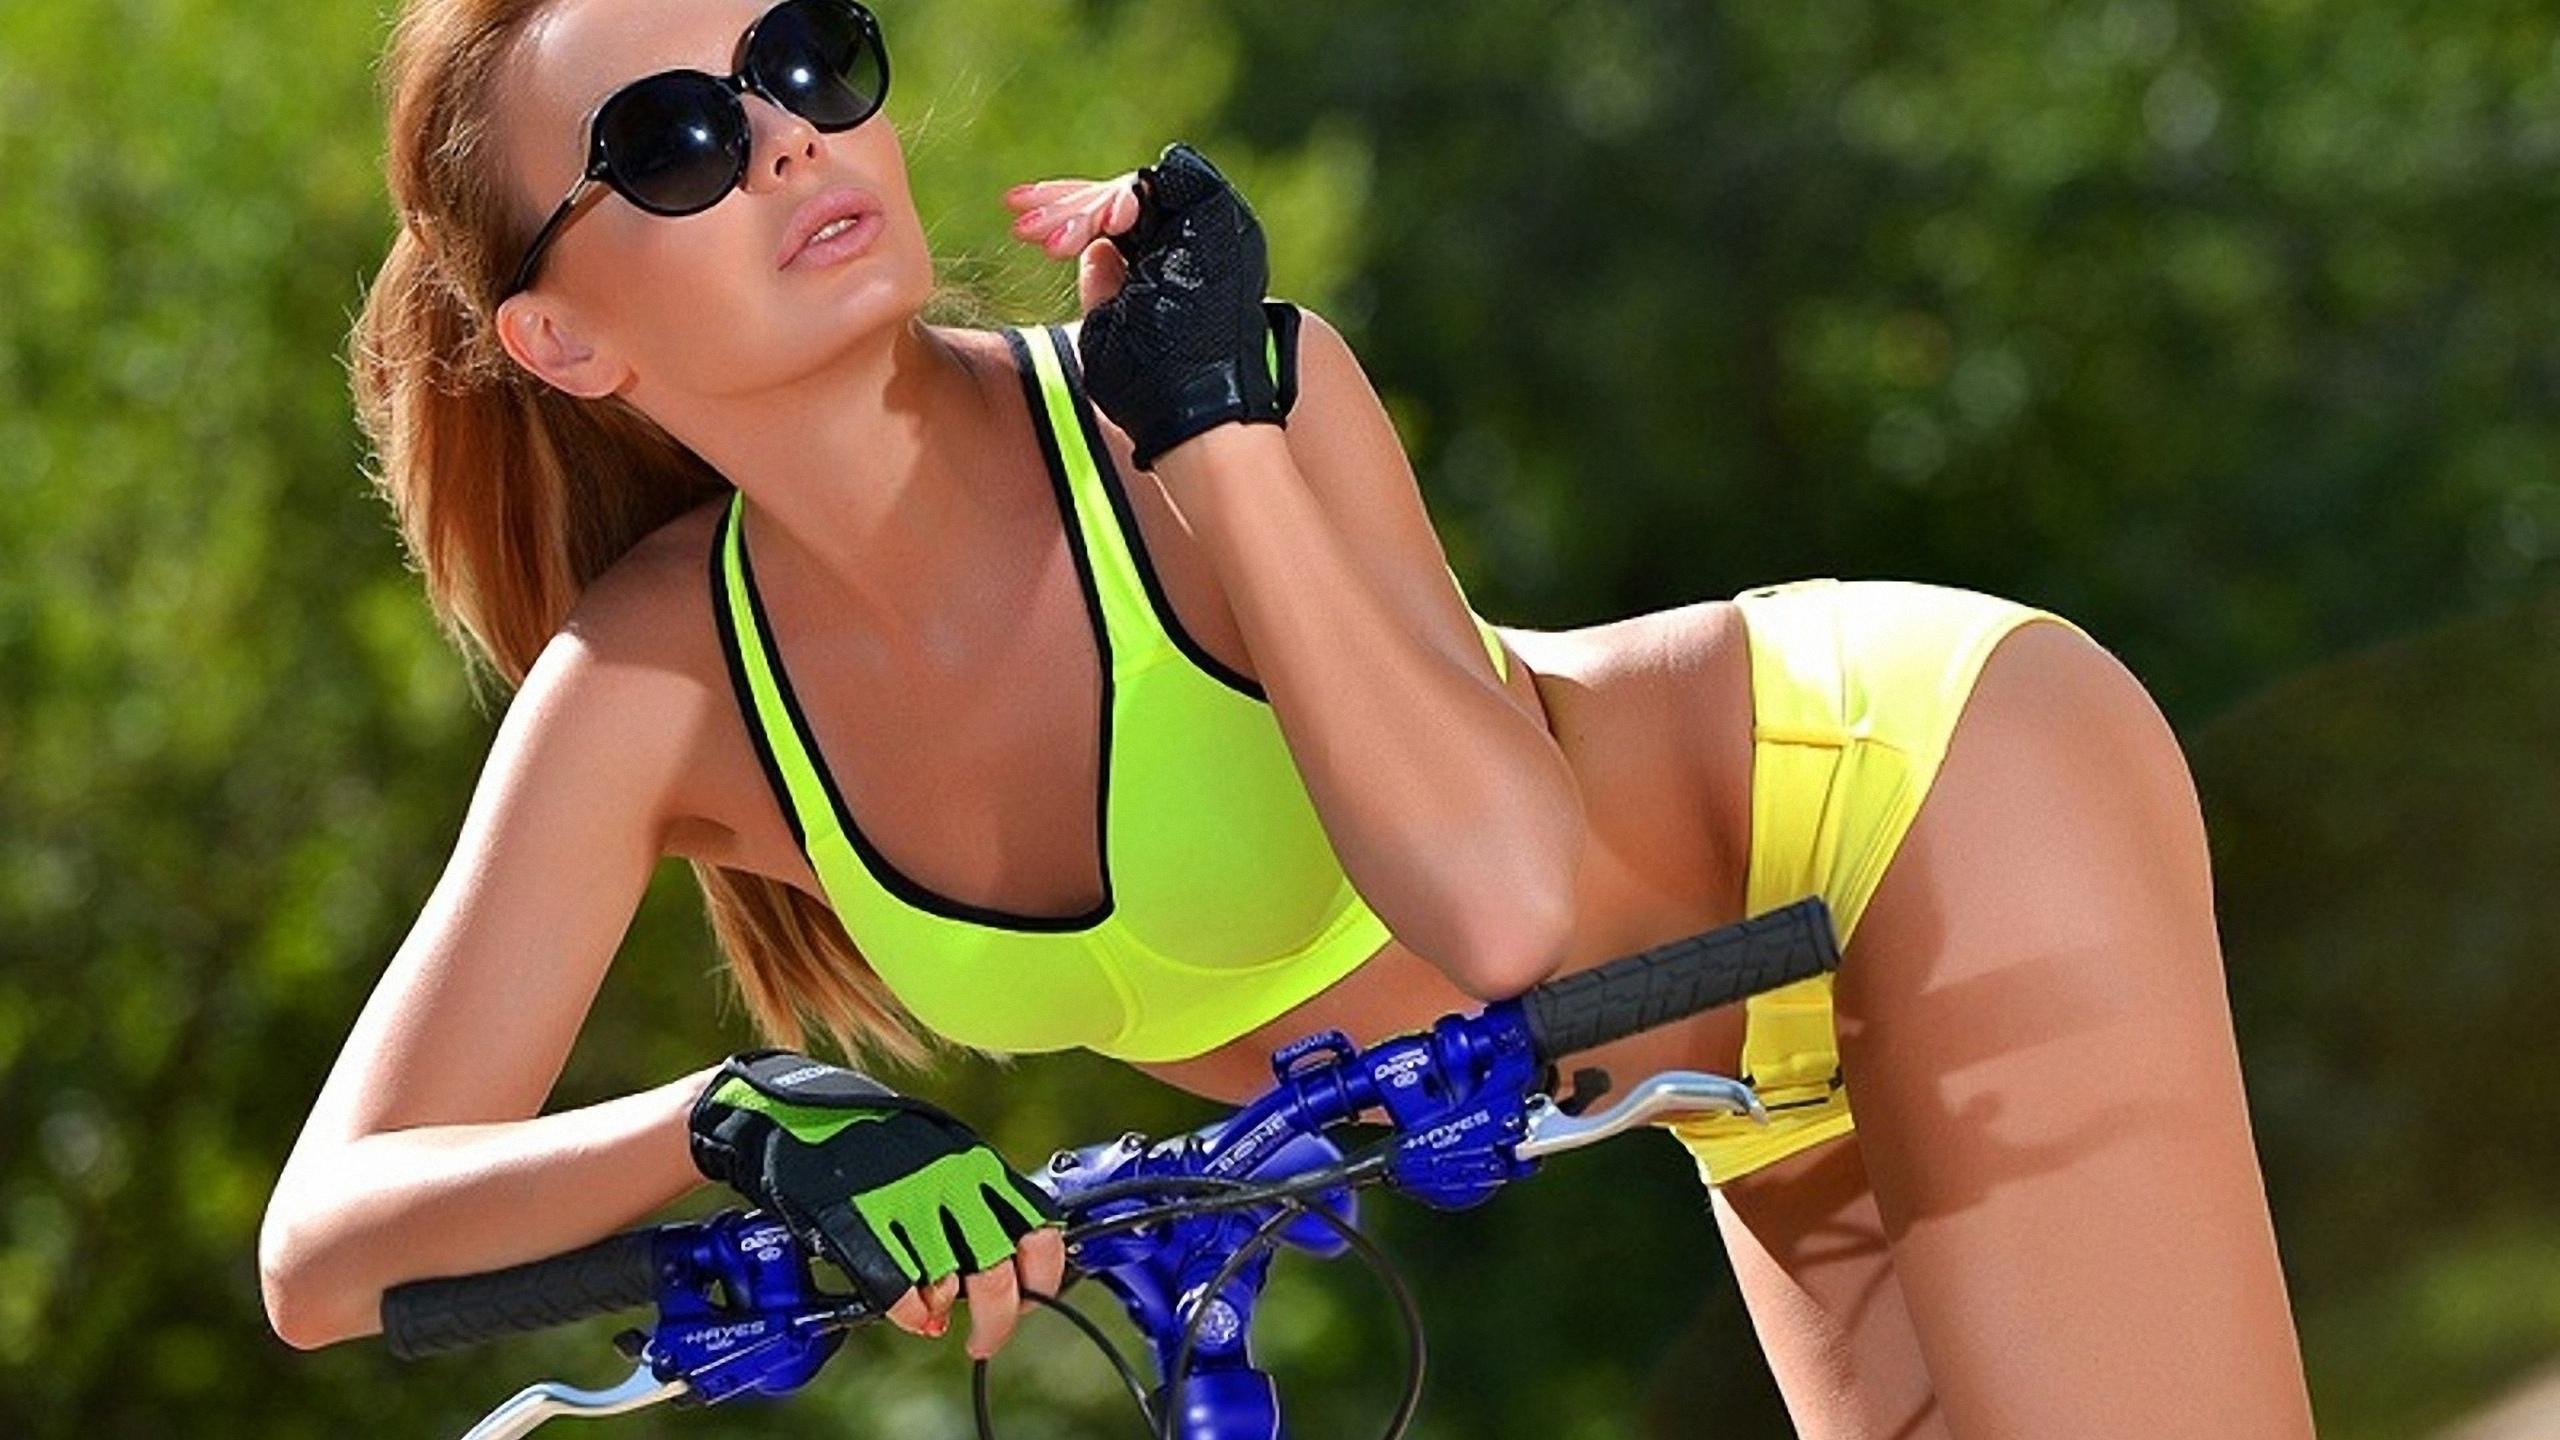 девушка, модель, позирует, спорт, фитнес